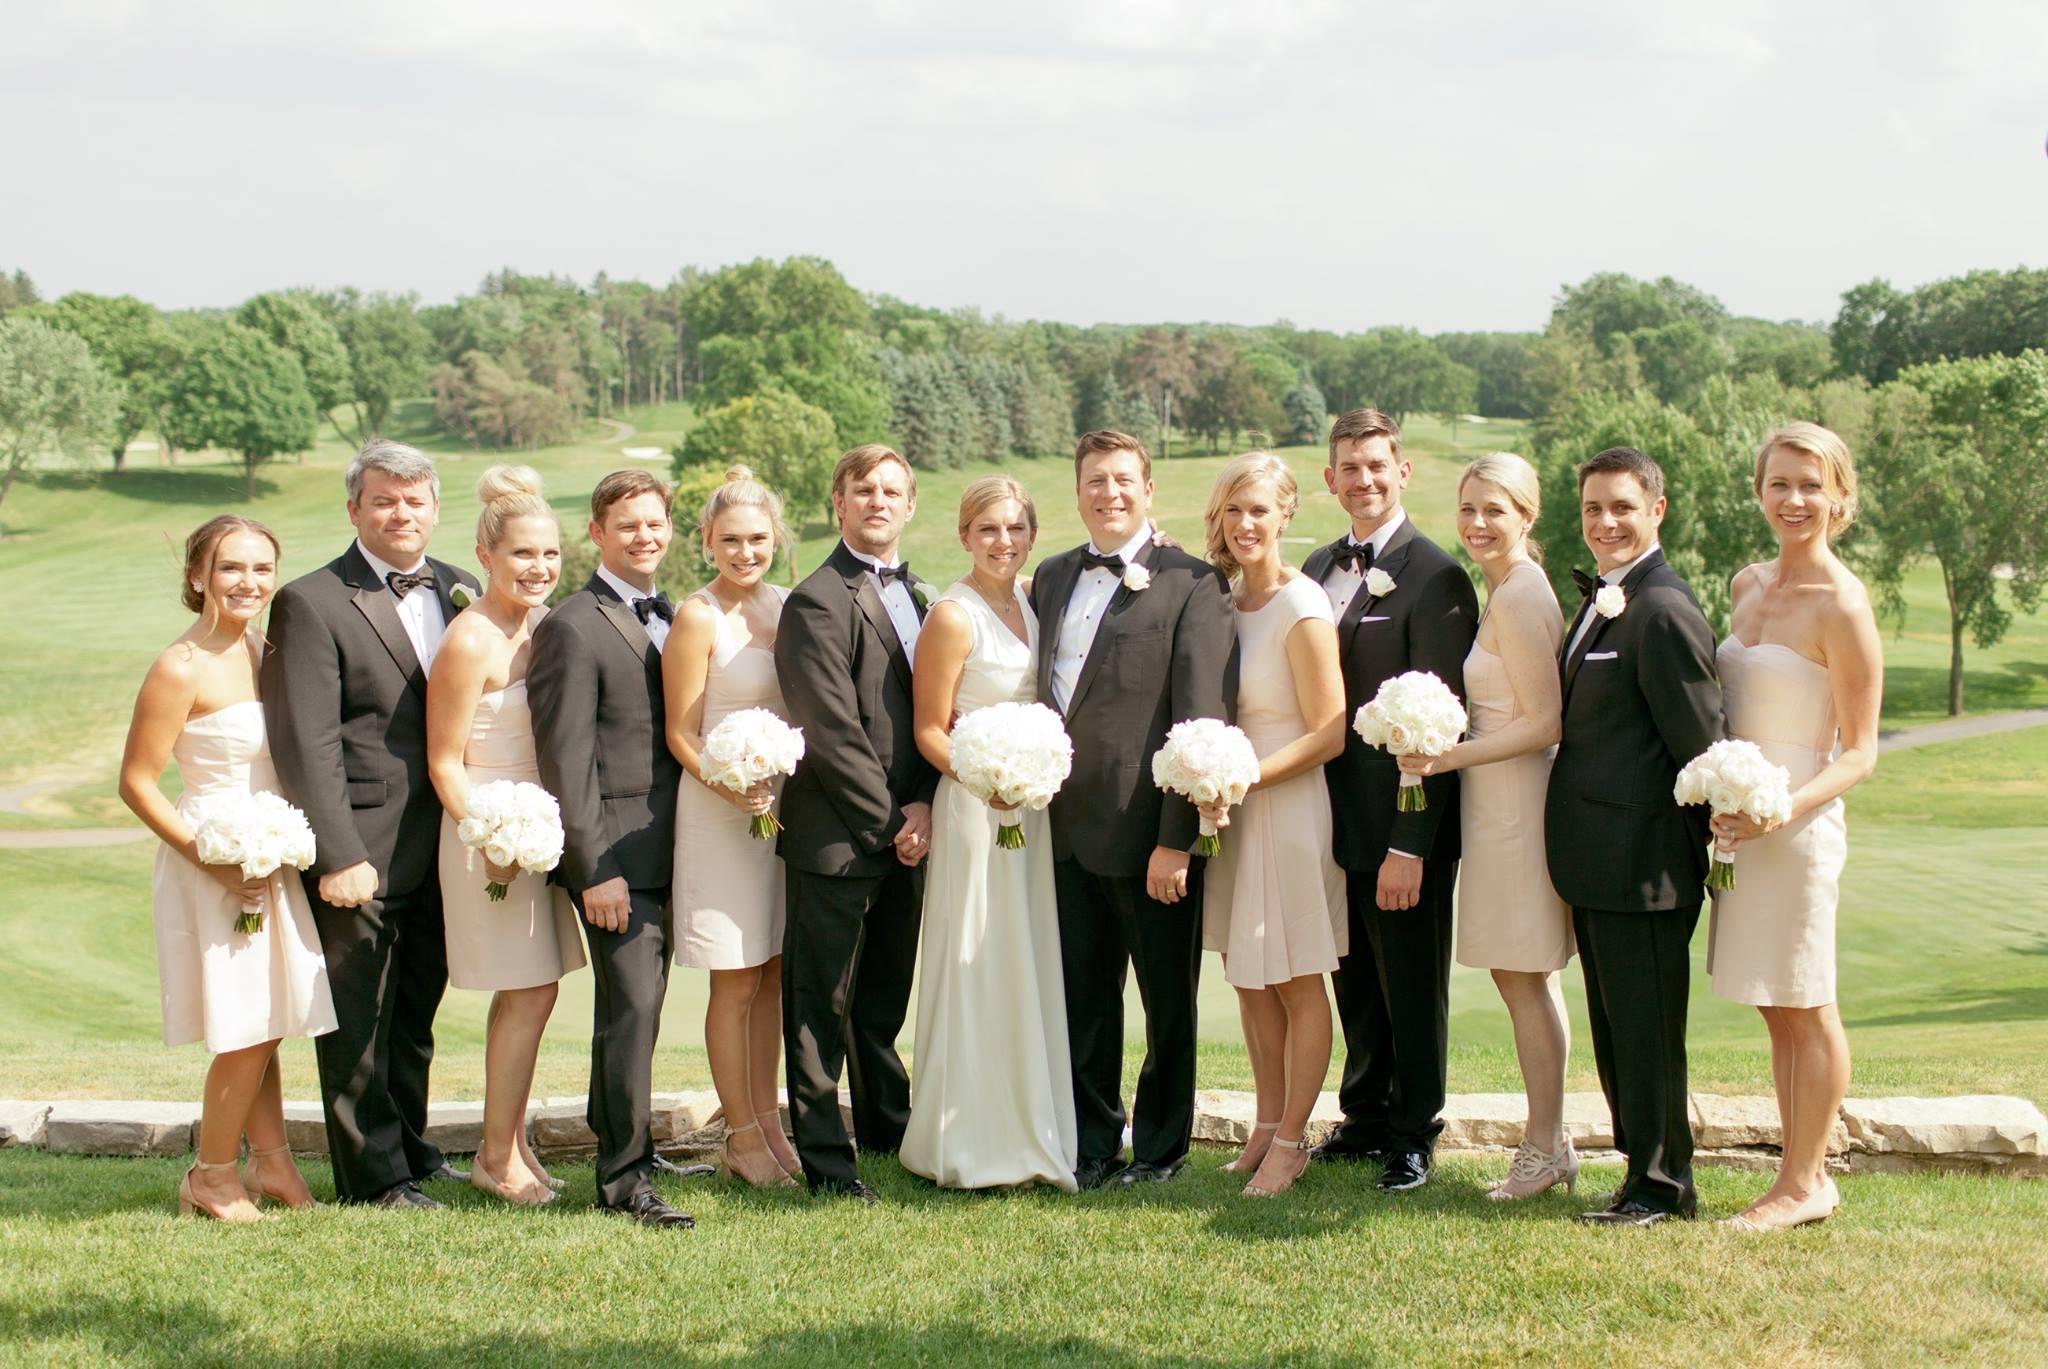 woodhill-country-club-wedding-16.jpg